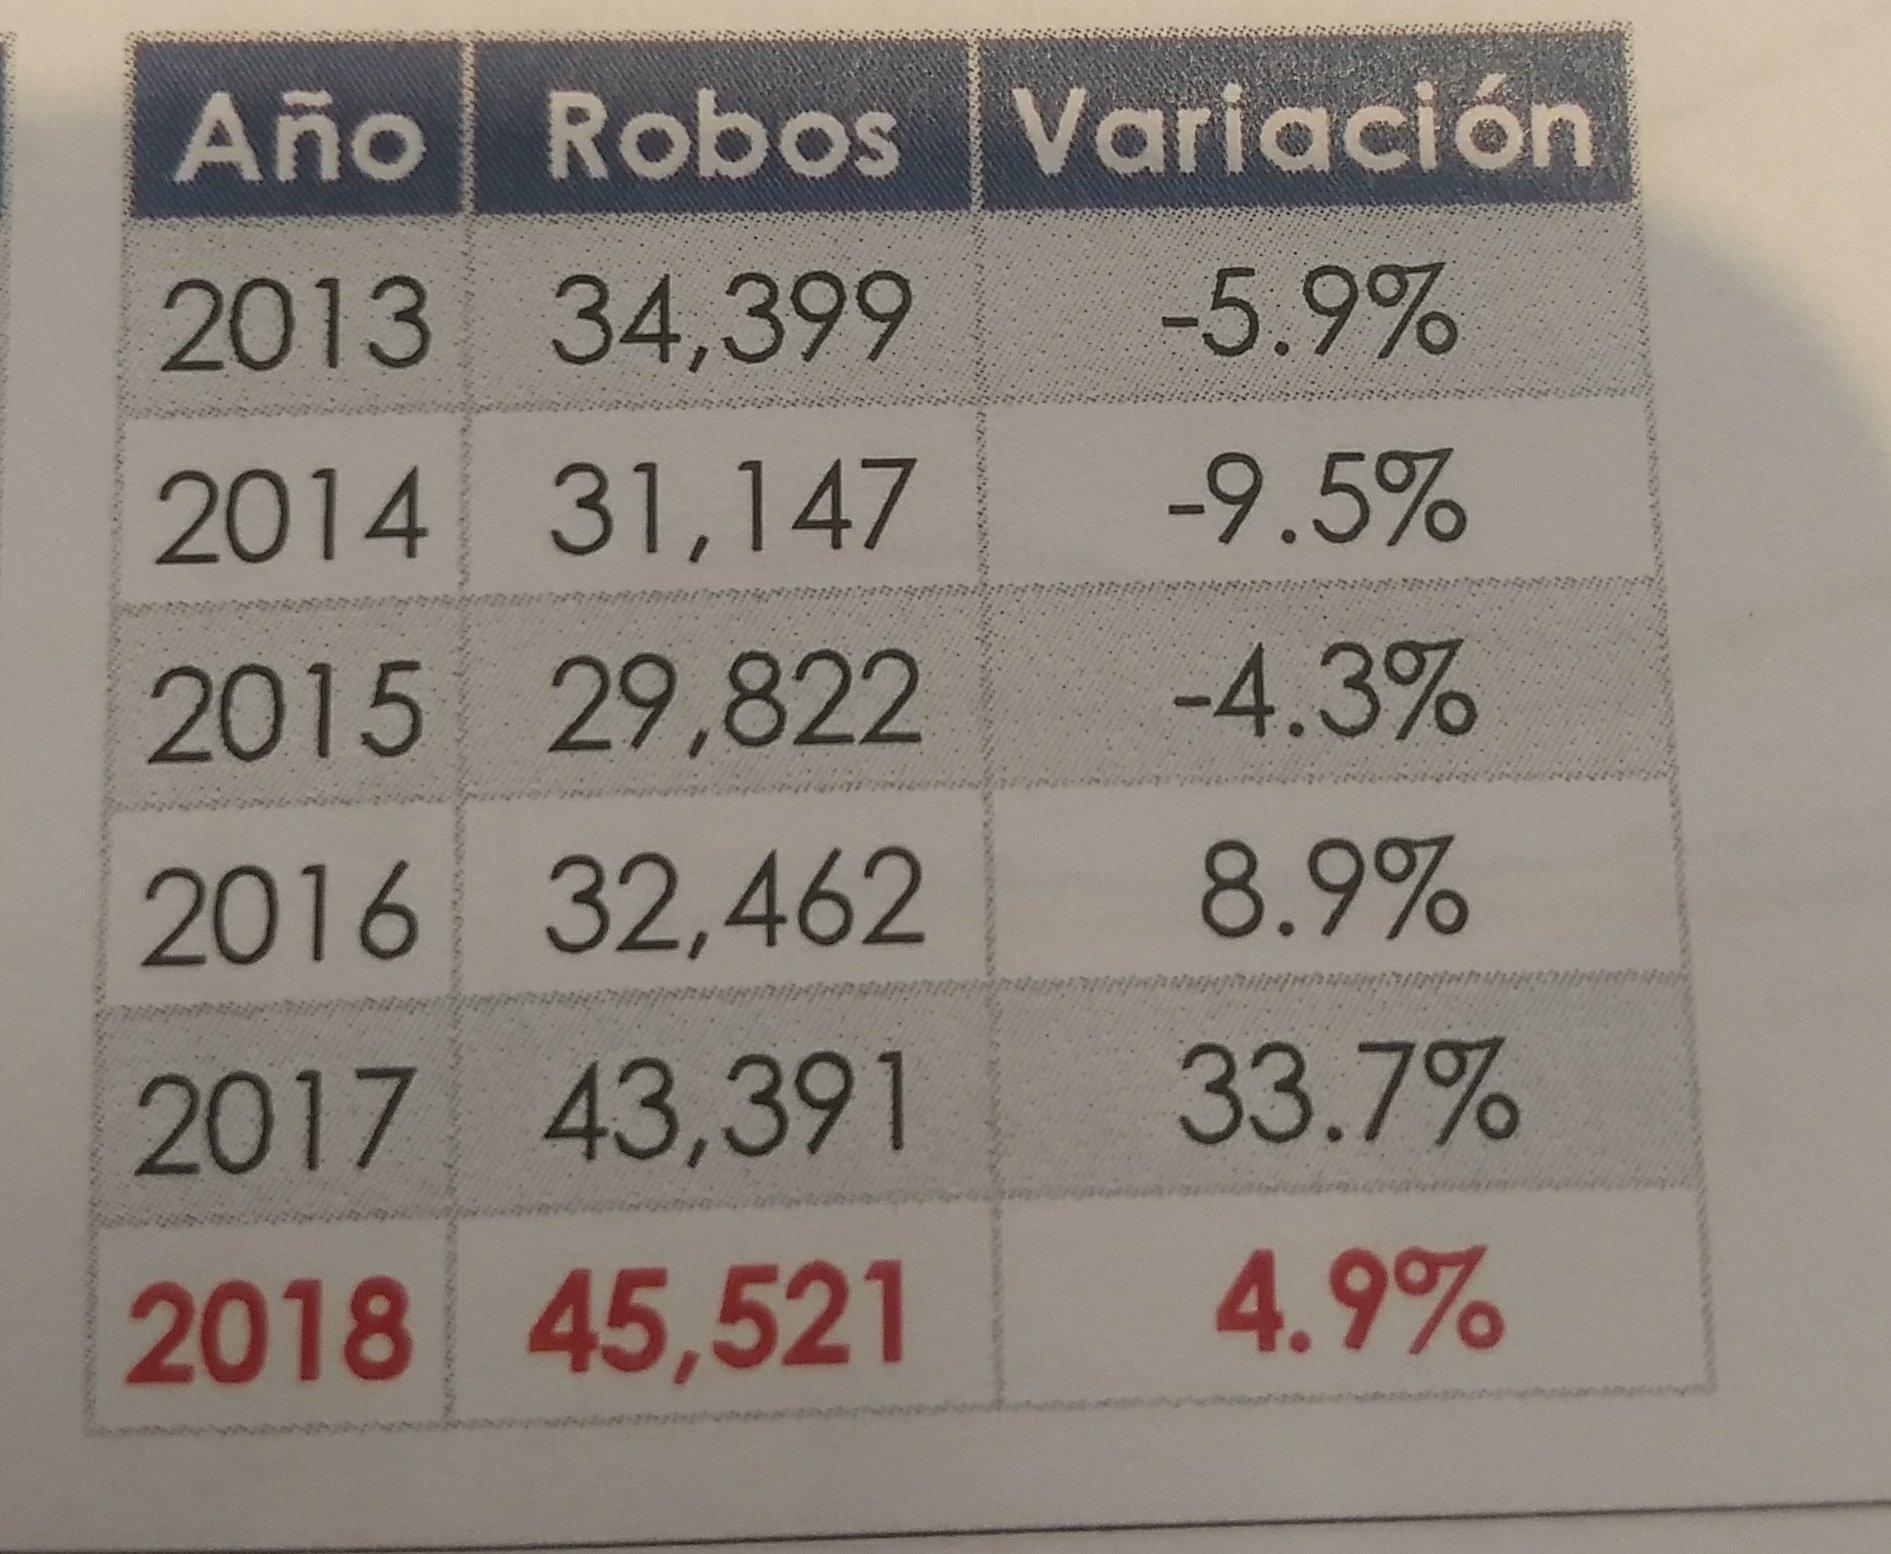 ¡Malhechores! El robo de autos asegurados aumentó en el 2018